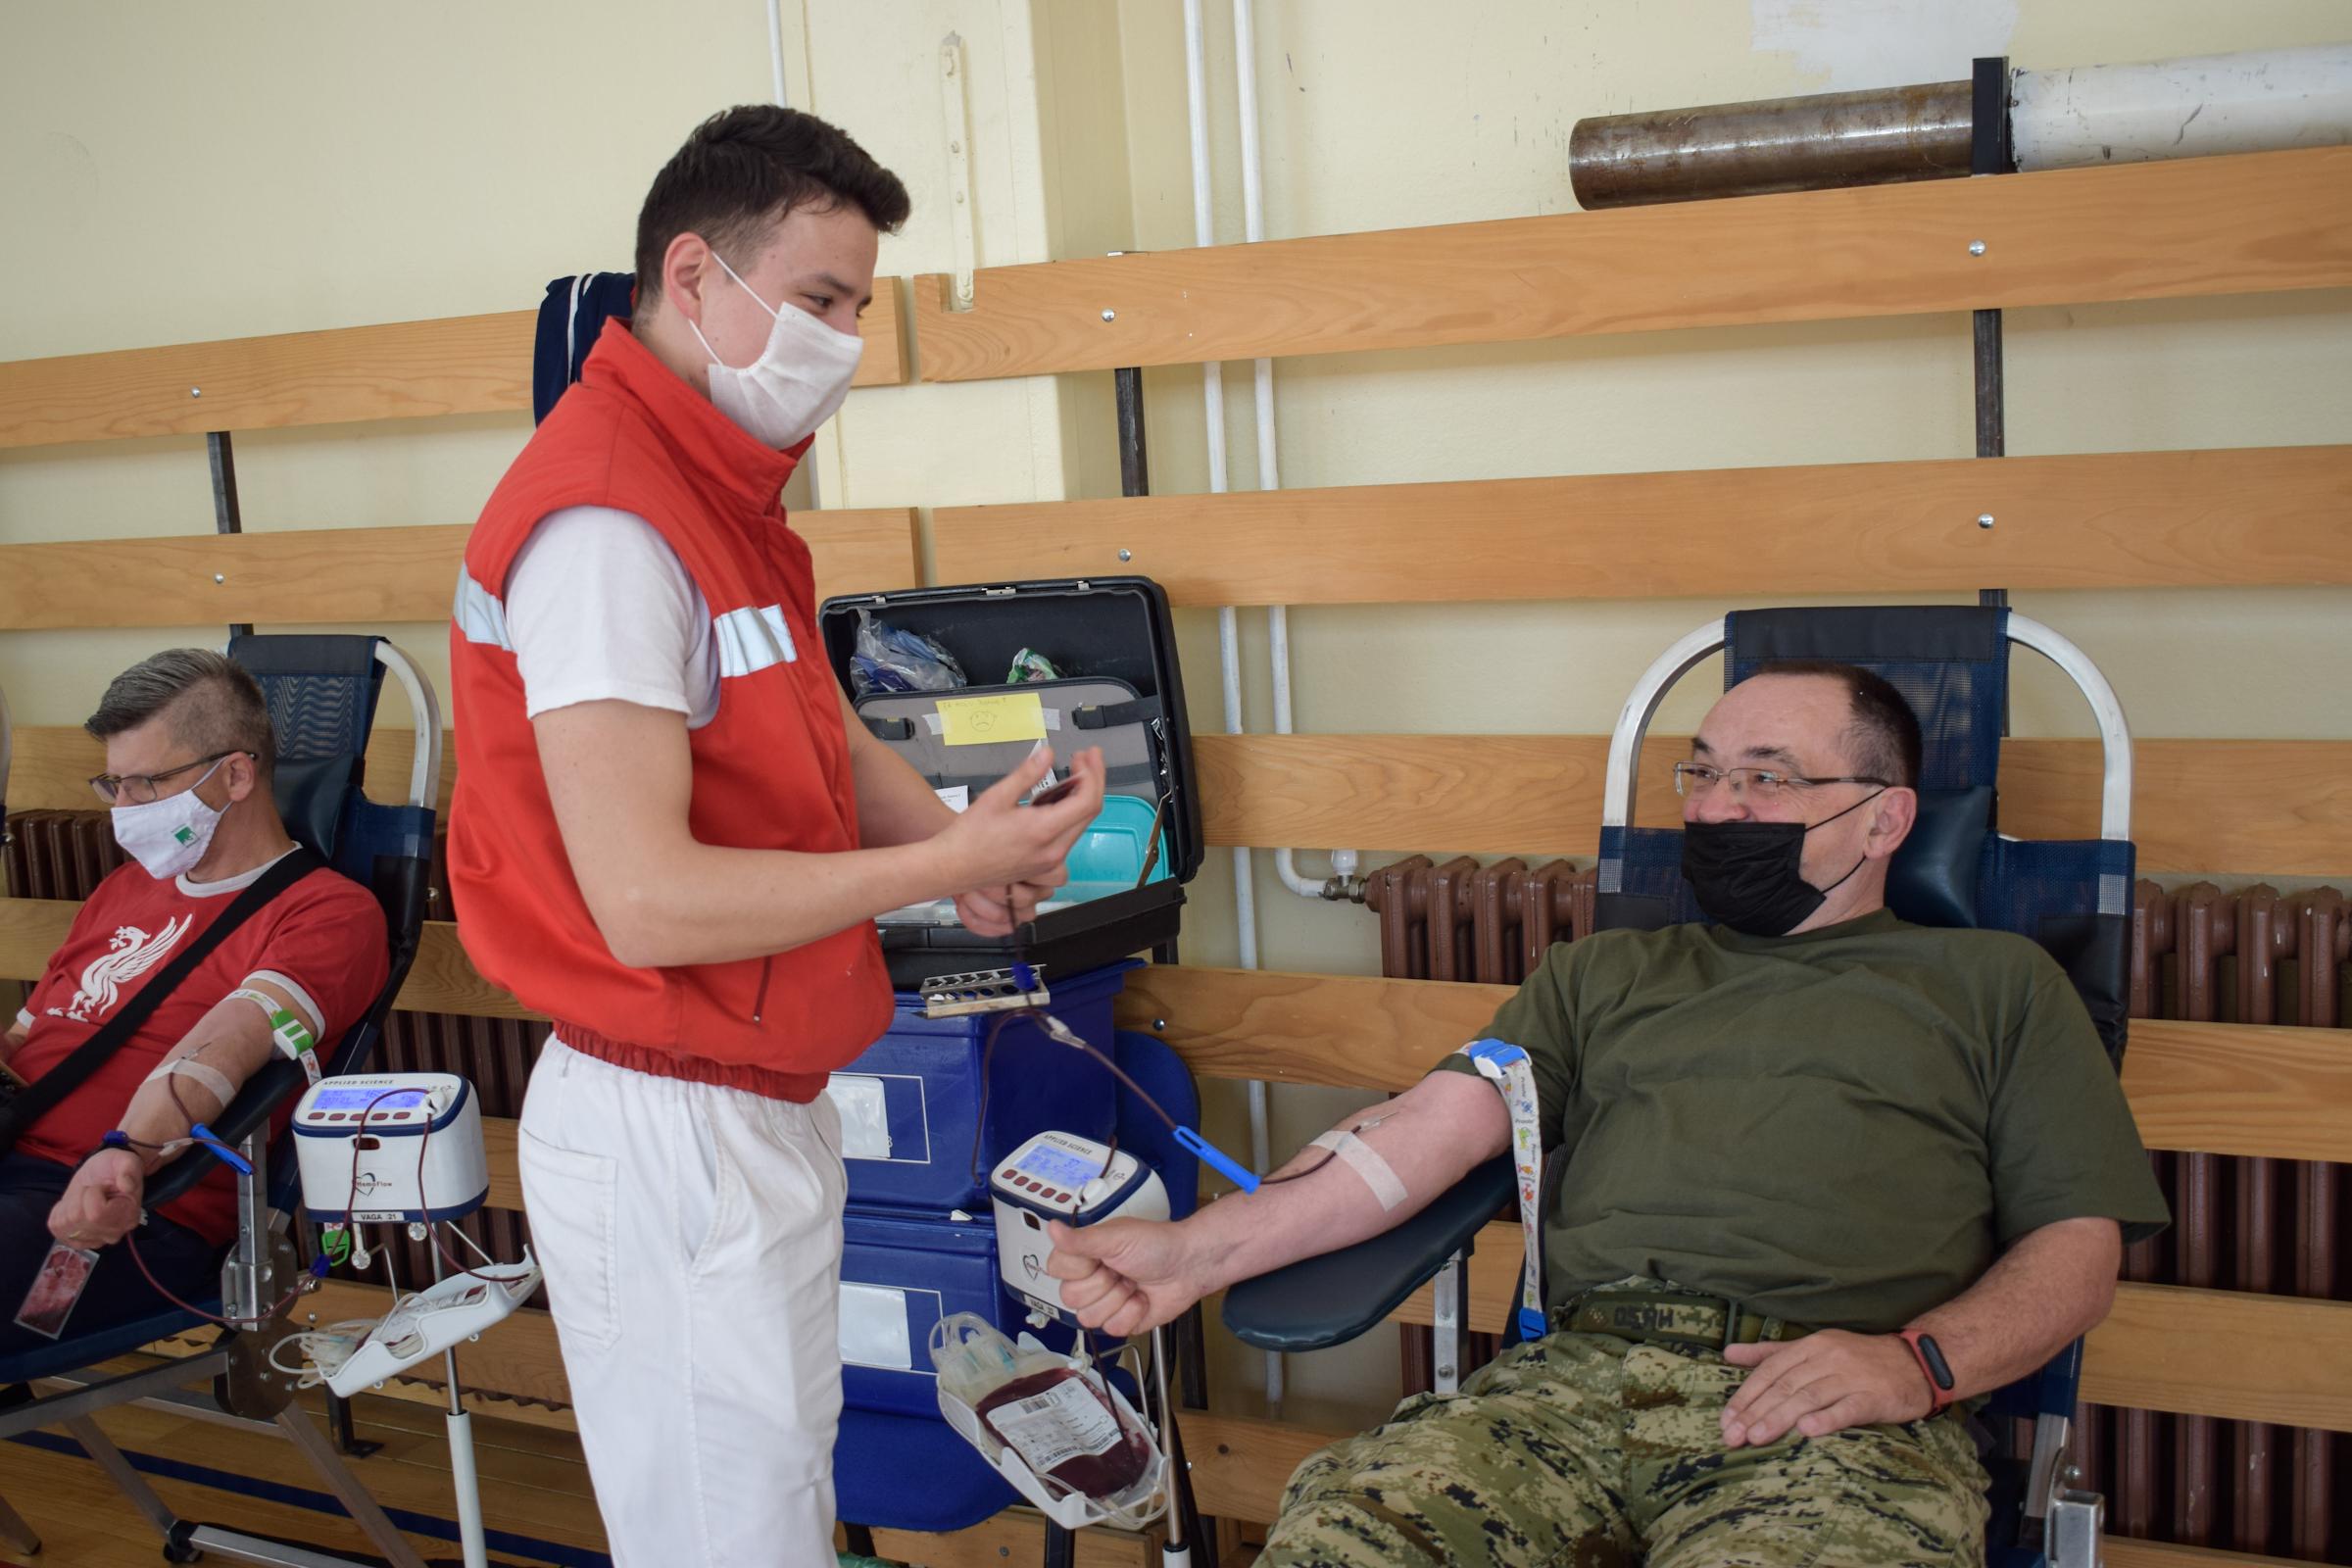 Dobrovoljno darivanje krvi u vojarni 1. gardijske brigade Tigrovi – Croatia